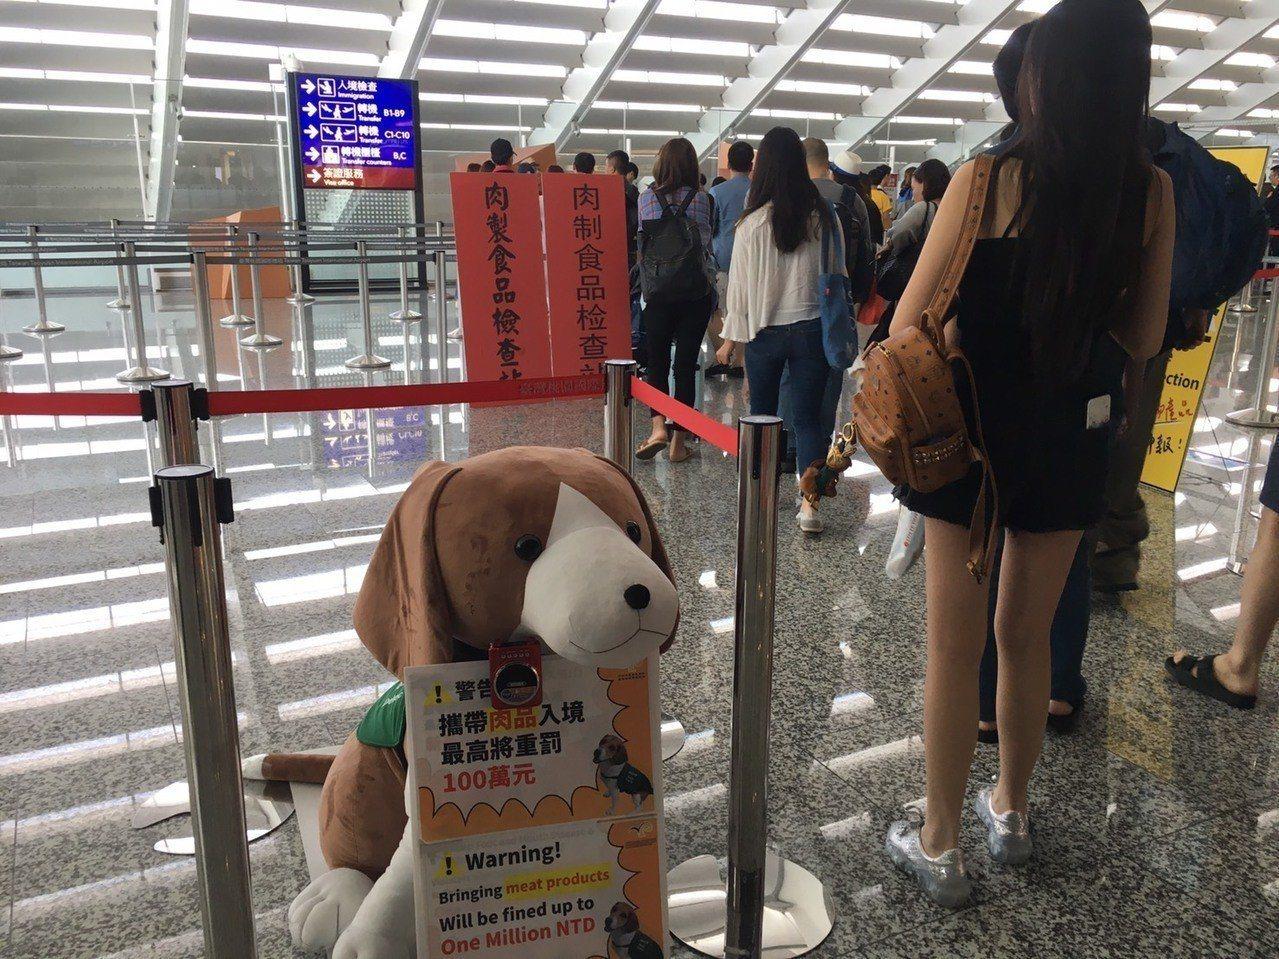 馬來西亞、新加坡、印尼及汶萊入境將執行百分之百手提行李檢查。本報資料照片